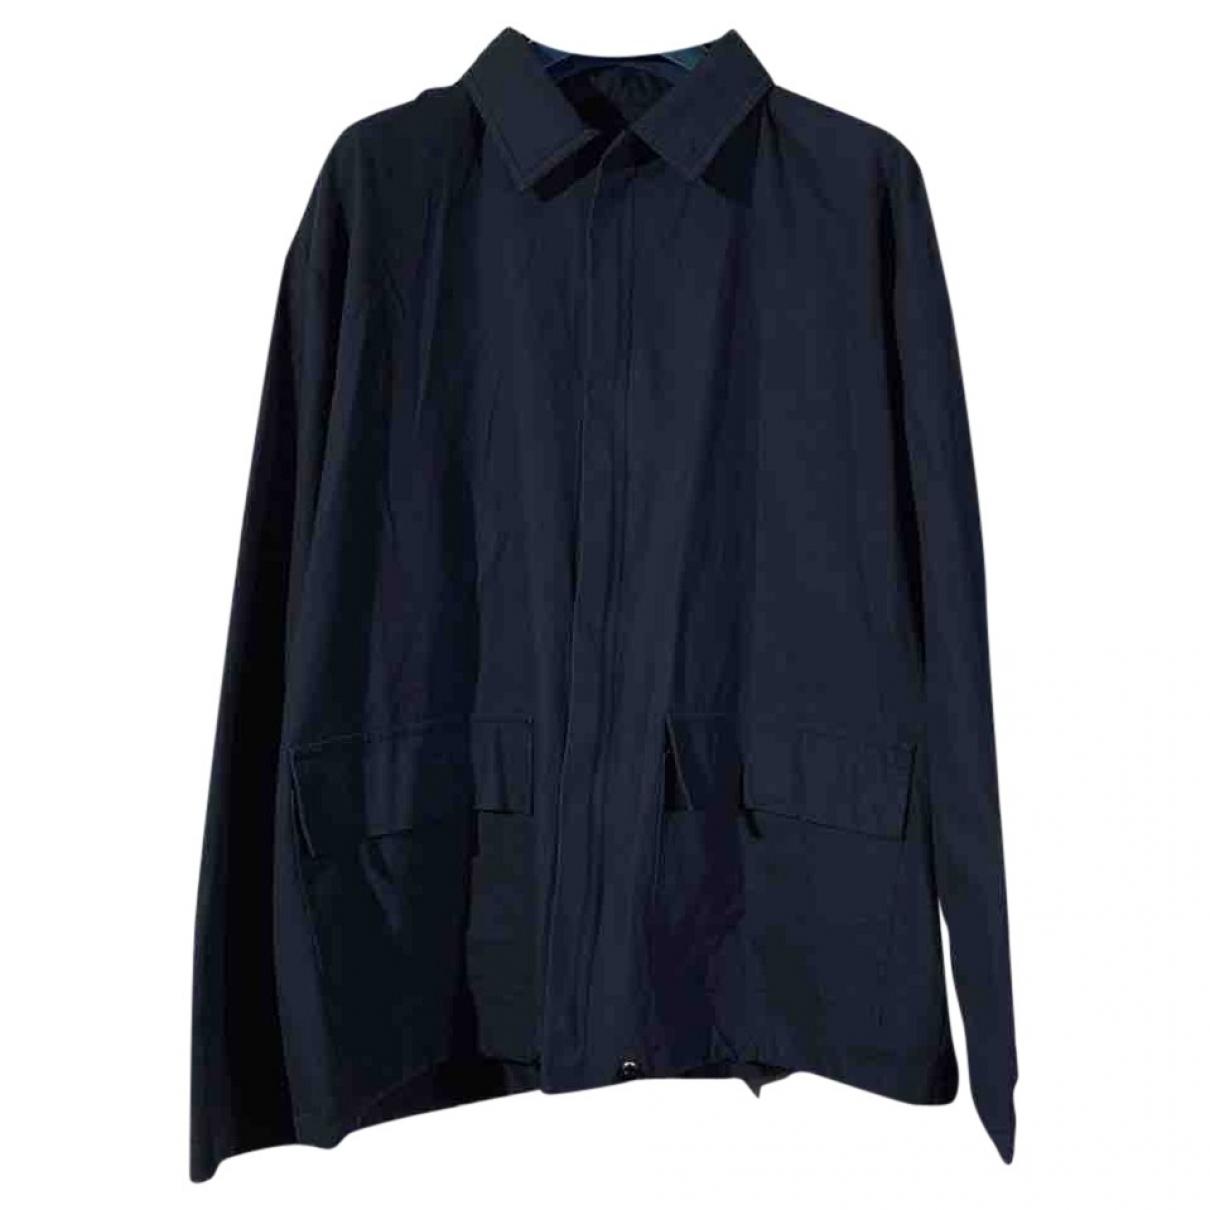 Dolce & Gabbana - Vestes.Blousons   pour homme en soie - marine